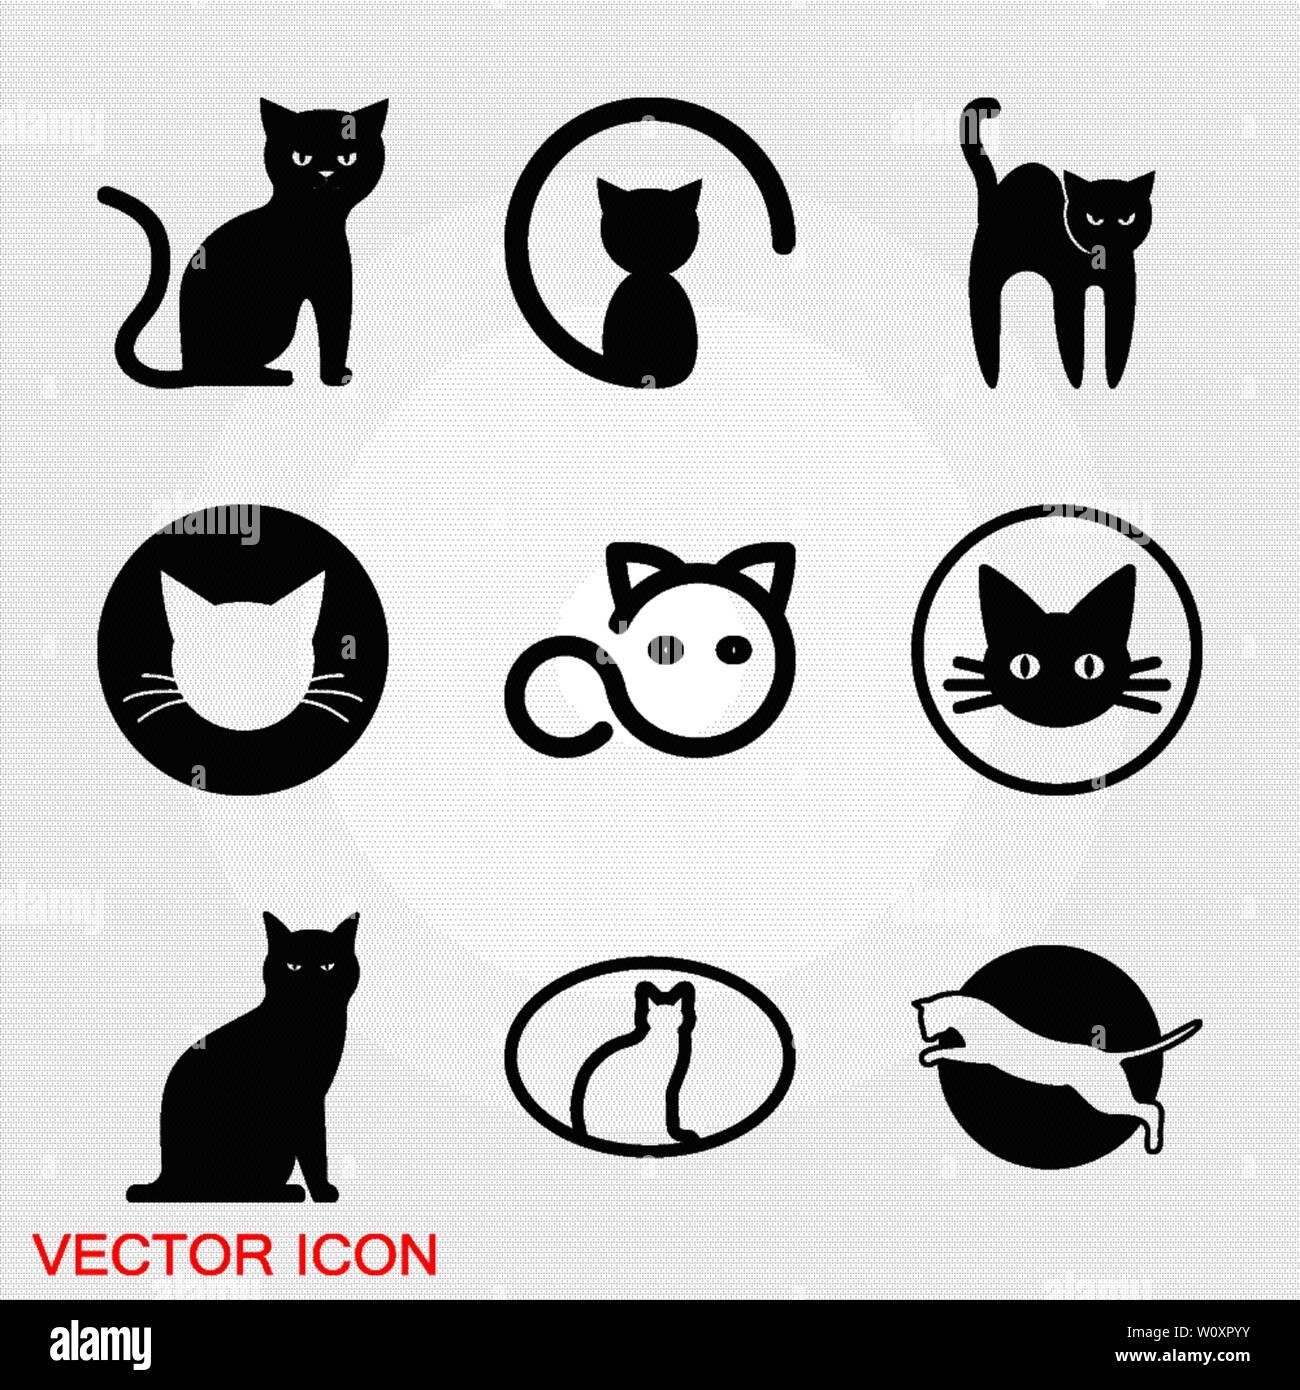 7cae7b7ce Icono de gato. Diseño de logotipo plantilla vectorial estilo plano.Home  clínica veterinaria pet